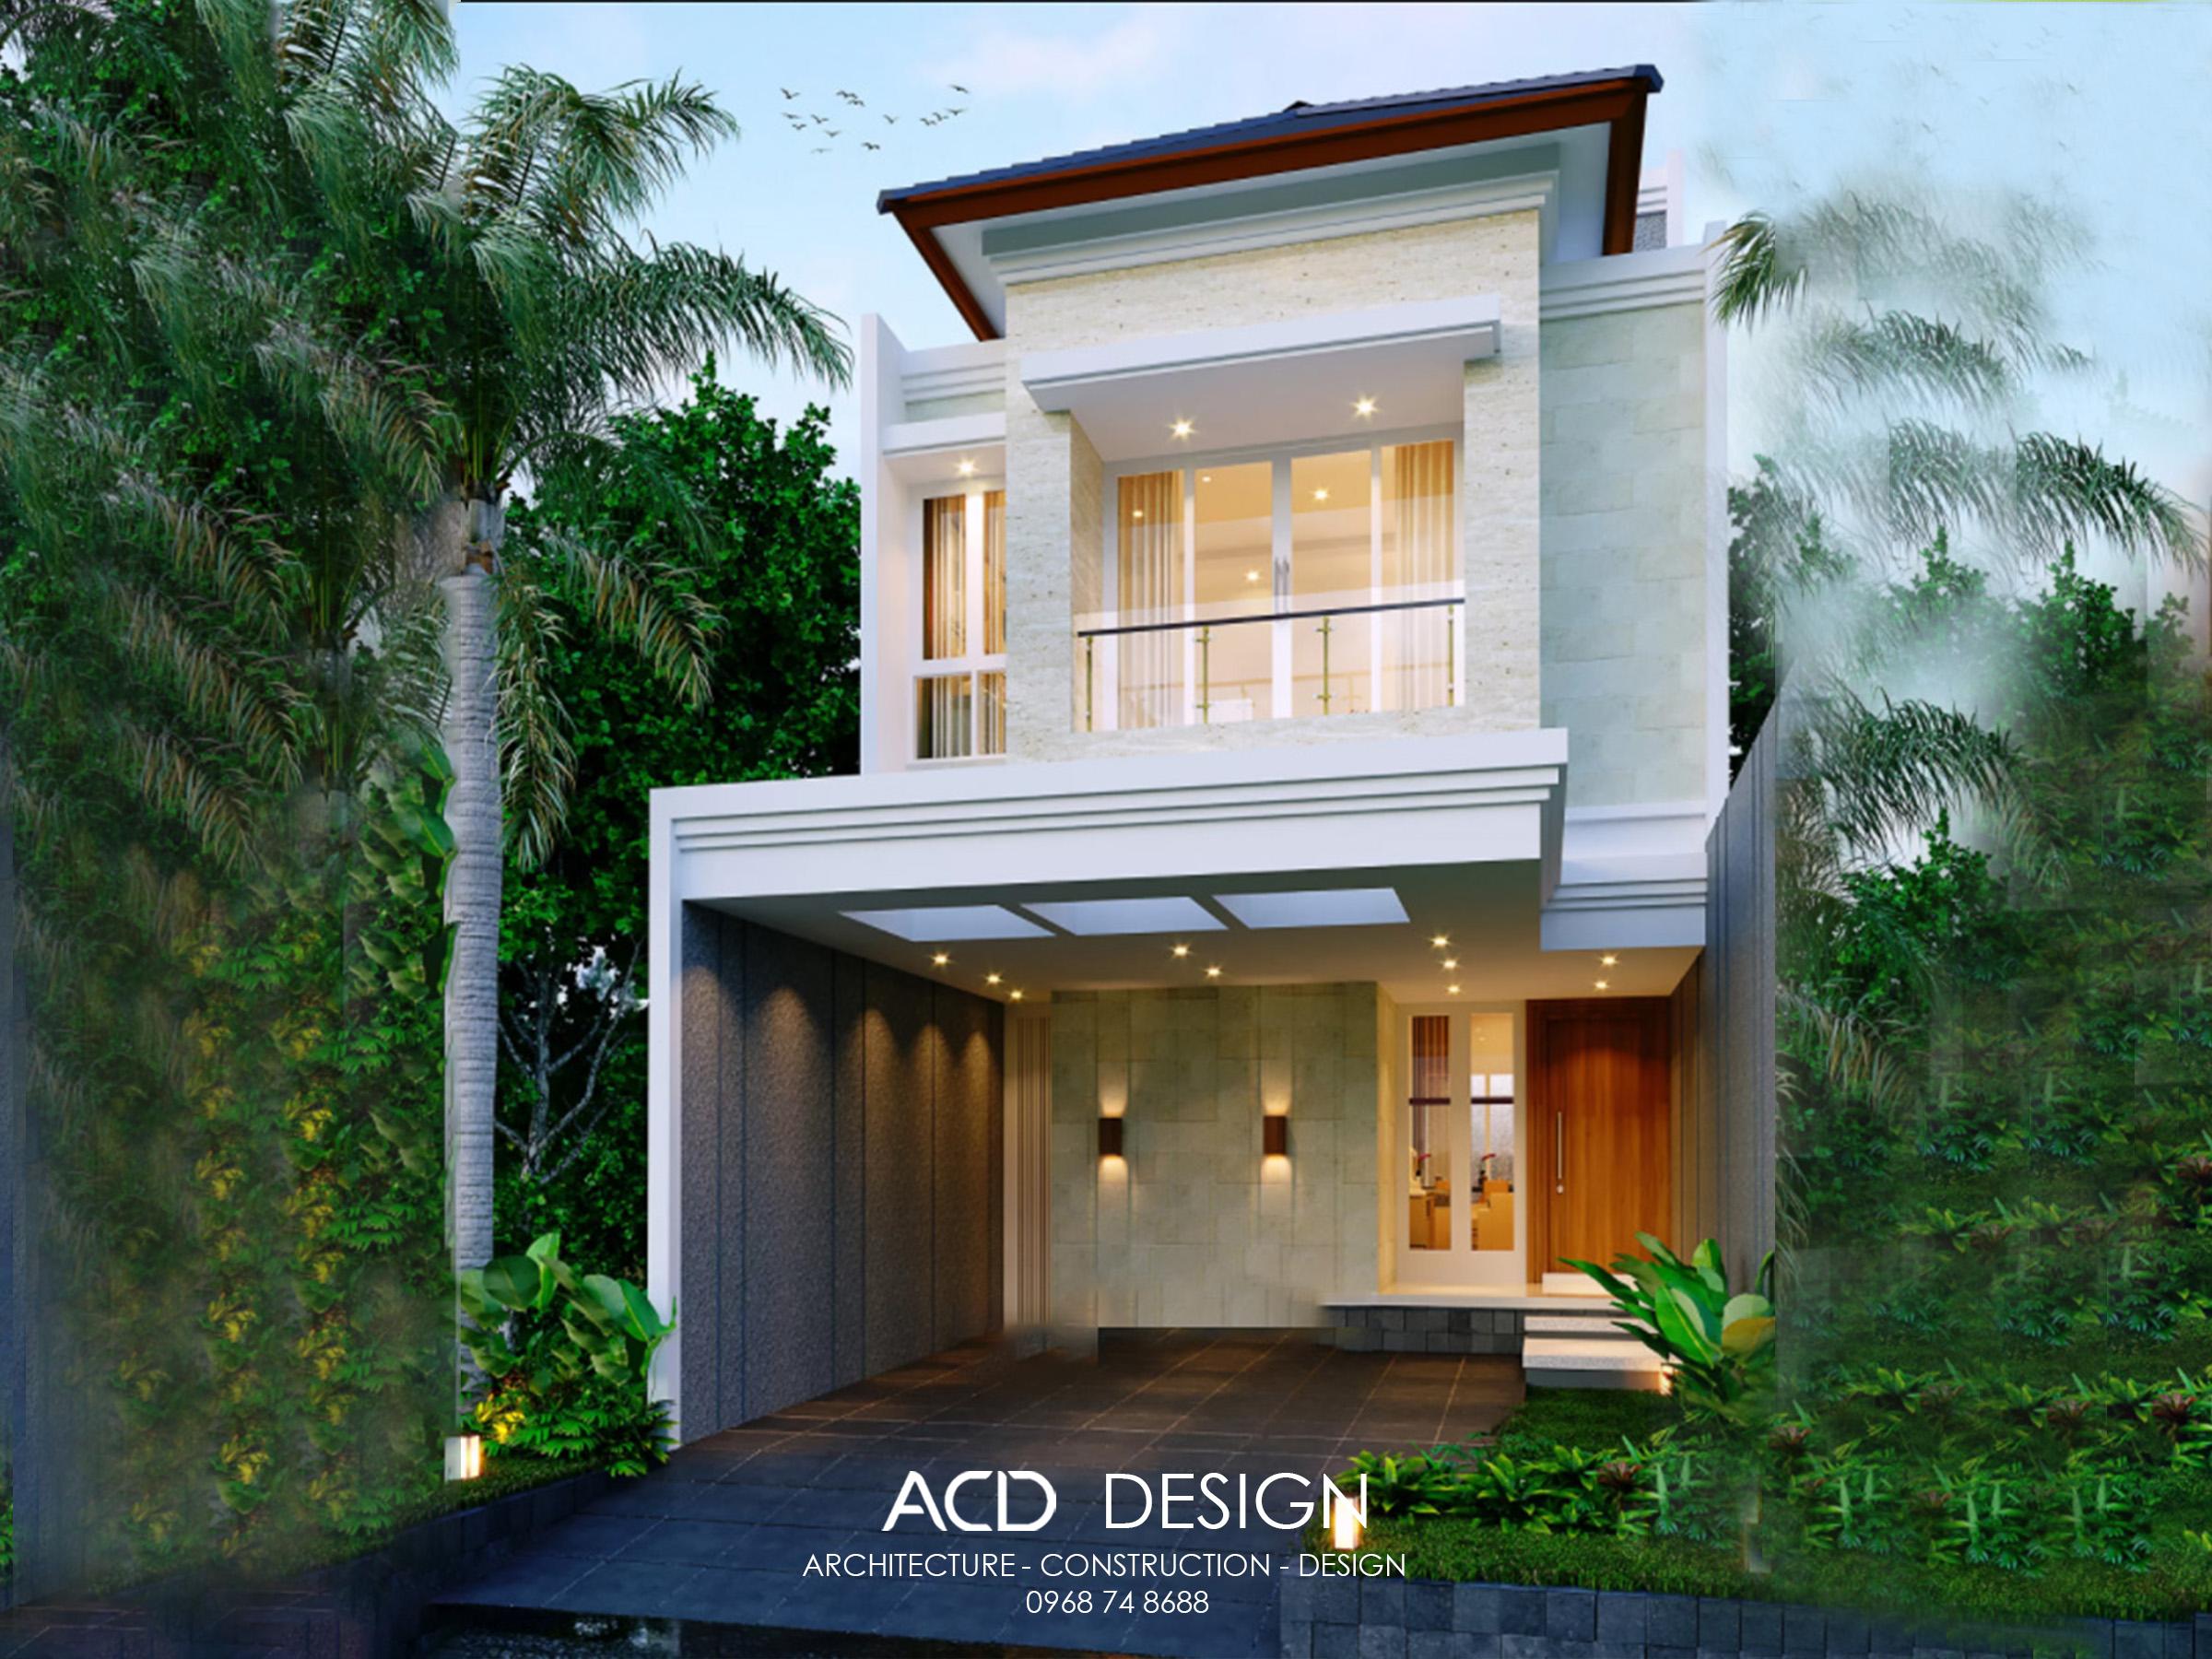 Thiết kế nhà phố 2 tầng 6m kiến trúc hiện đại đẹp và sang trọng